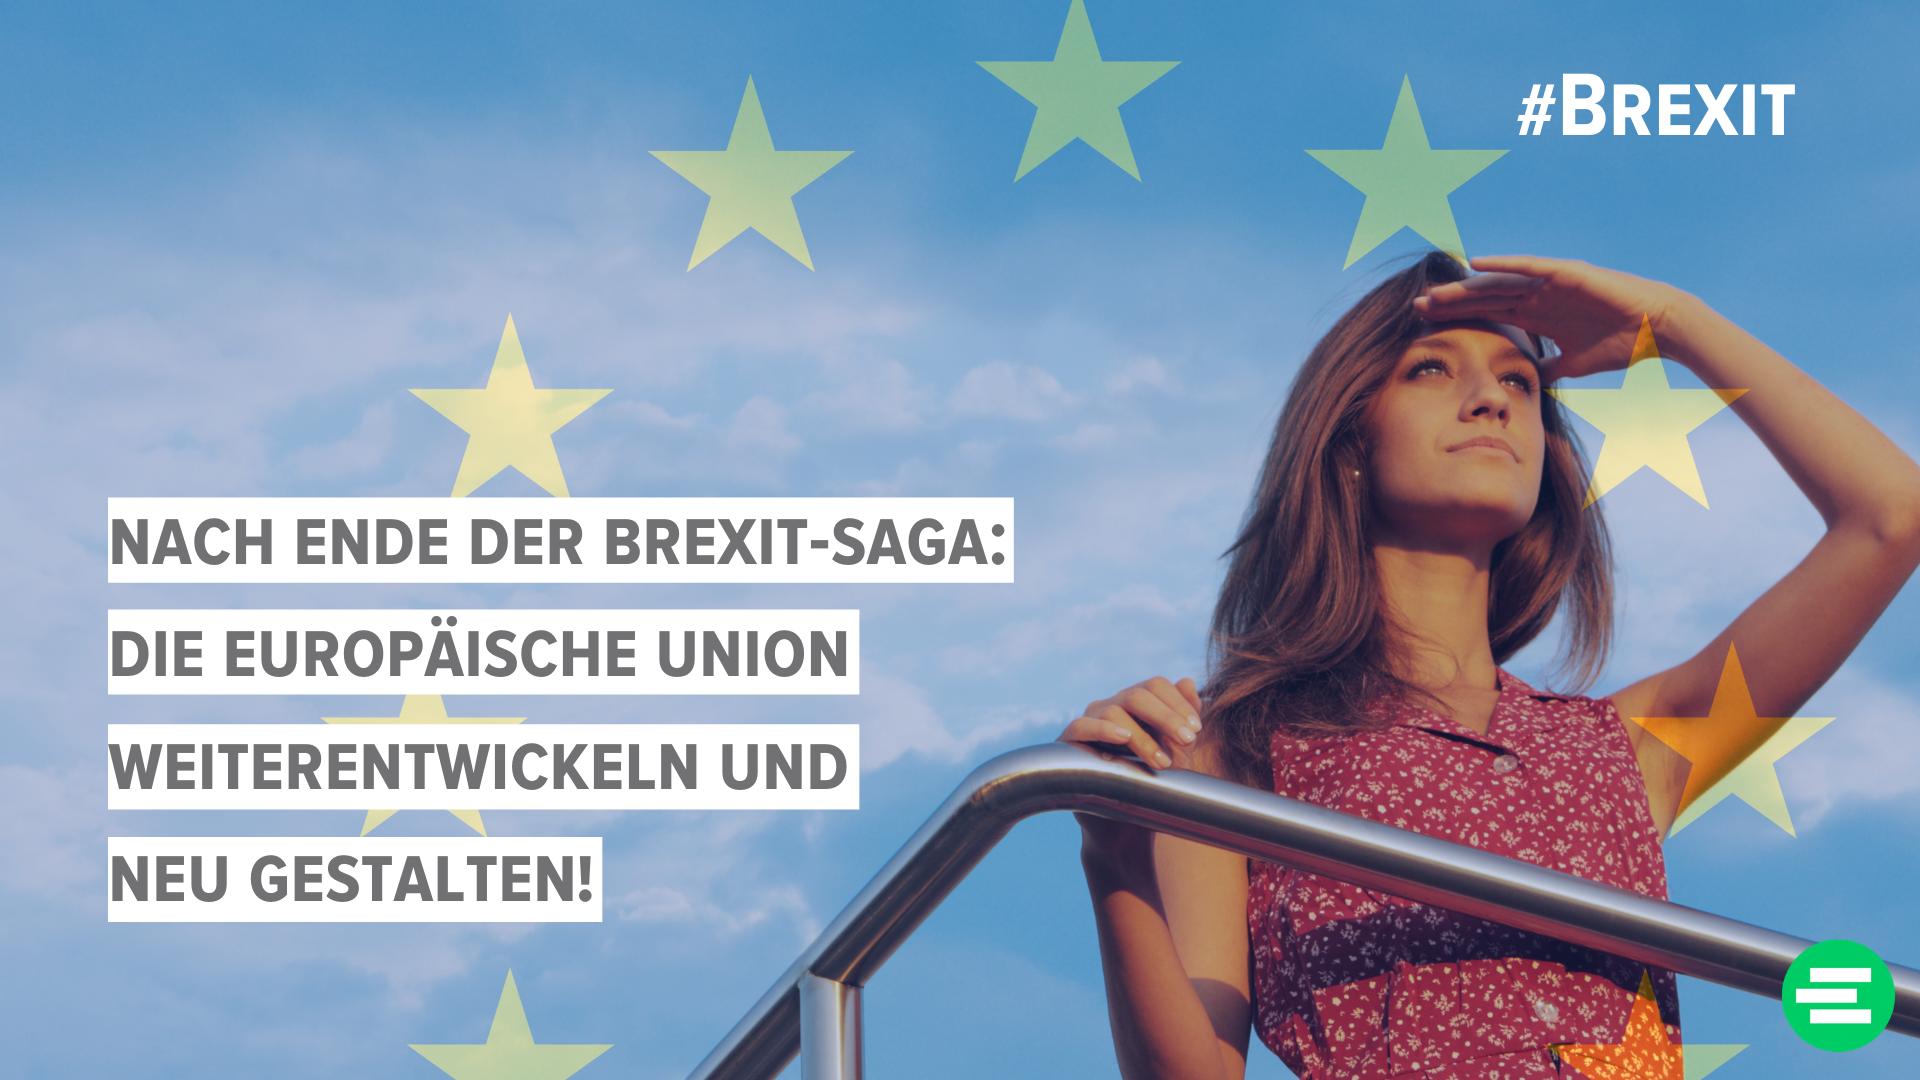 Für eine ambitionierte Neugestaltung des europäischen Einigungsprojekts nach Ende der Brexitübergangsperiode